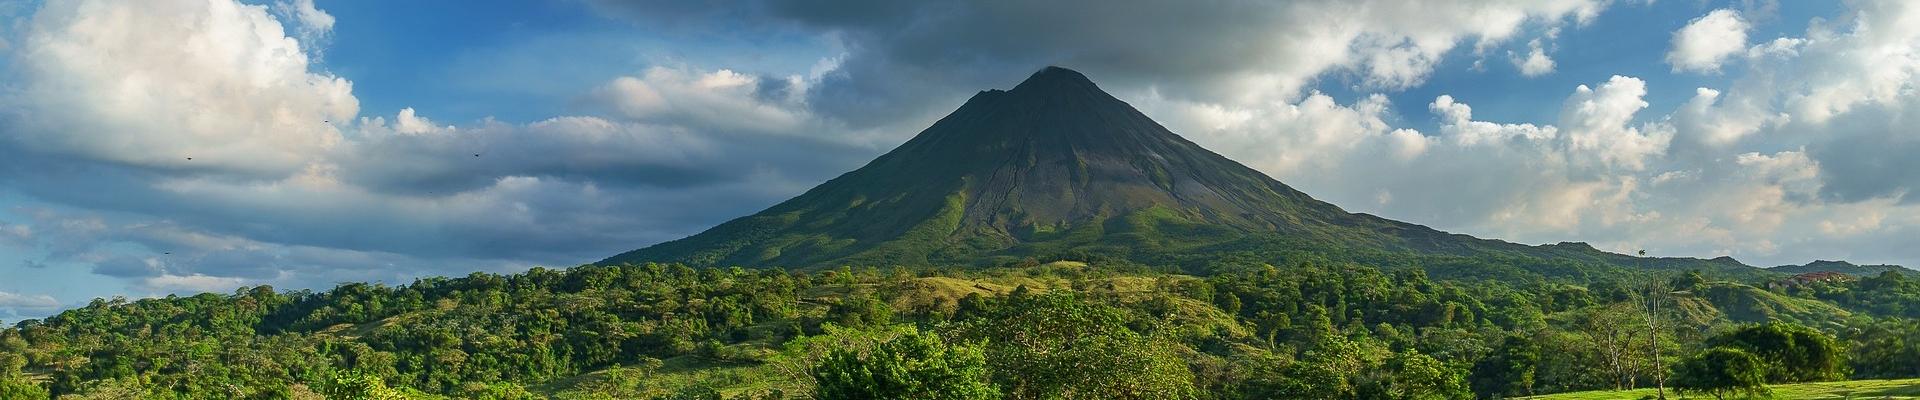 gemeinschaftlich Wohnen in Costa Rica